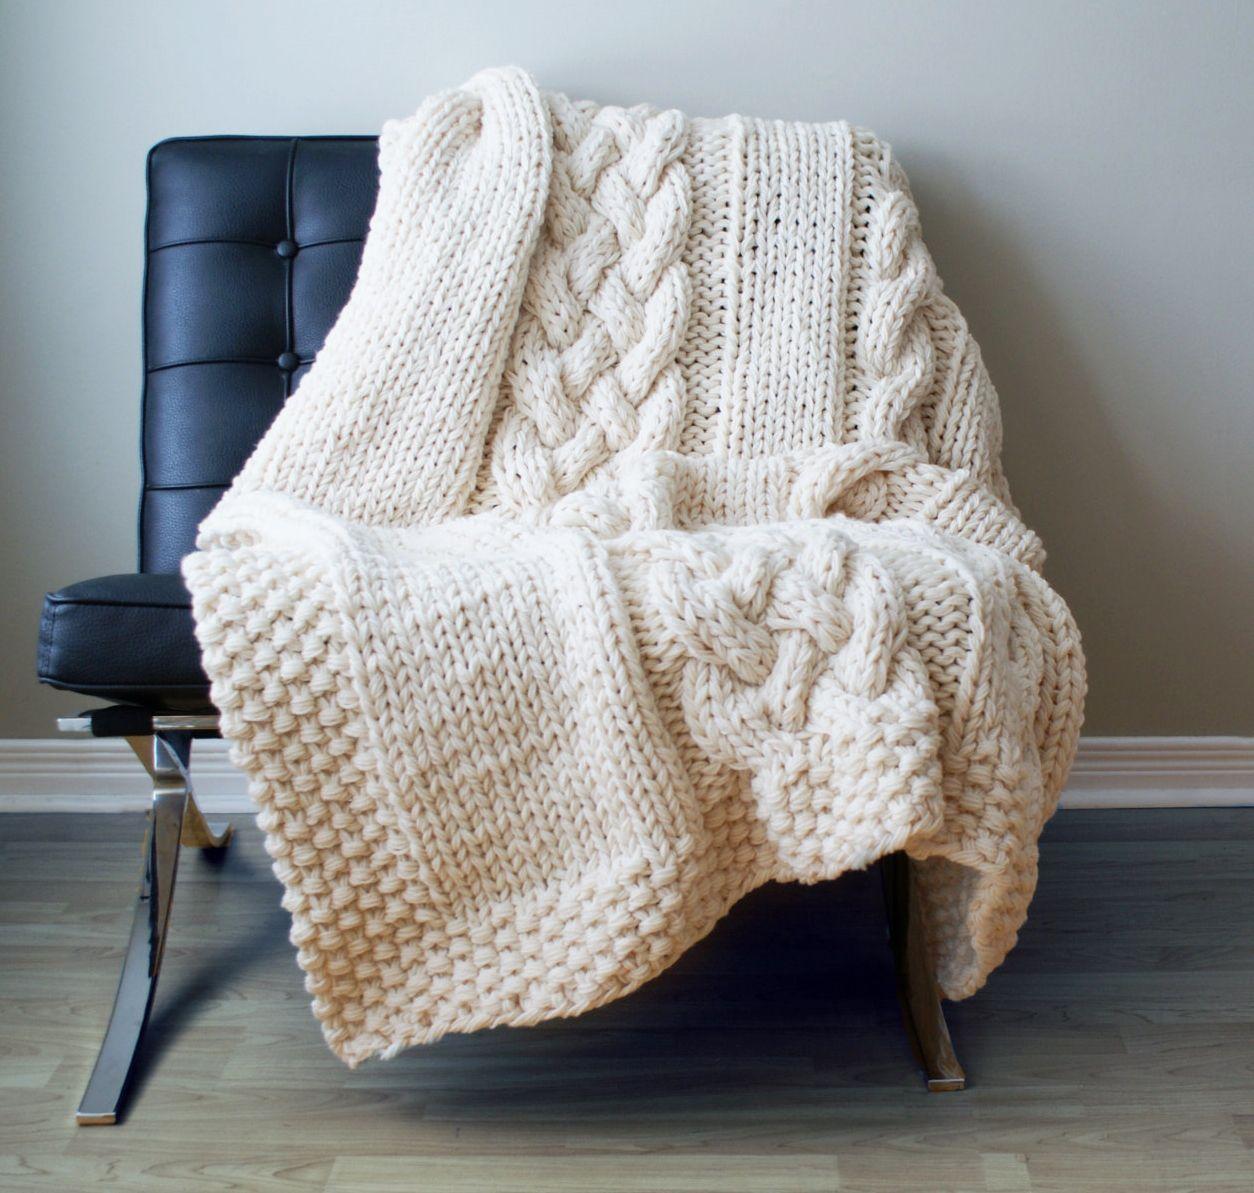 Mantas de trico para cama pesquisa google manta cama - Ikea mantas para camas ...